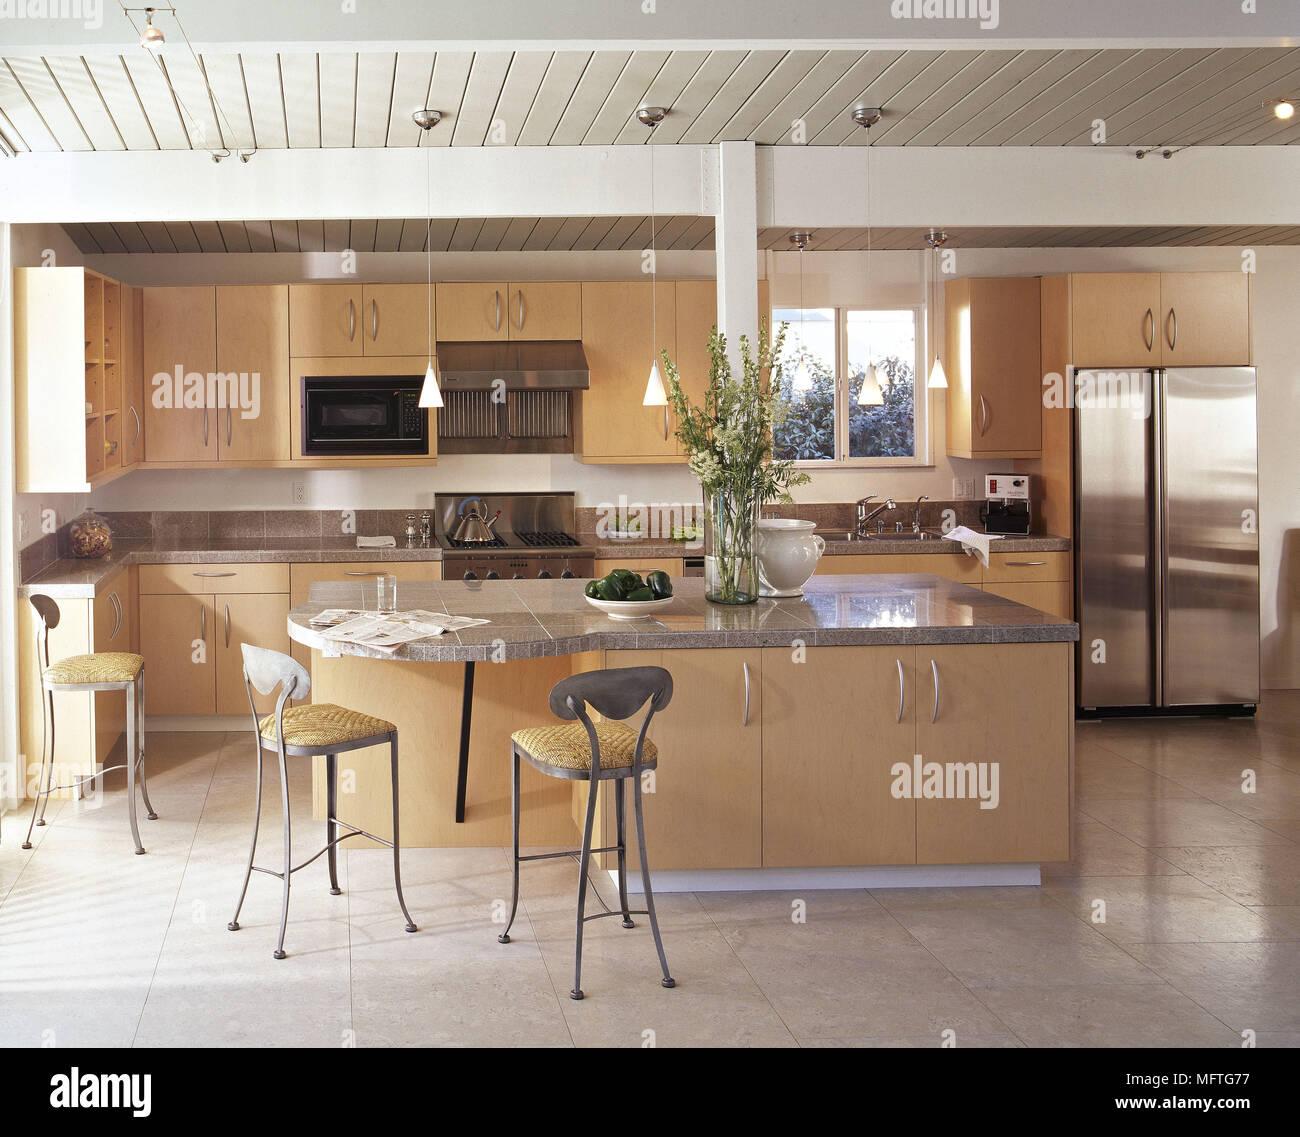 Modern kitchen central island unit wood units granite worktops ...